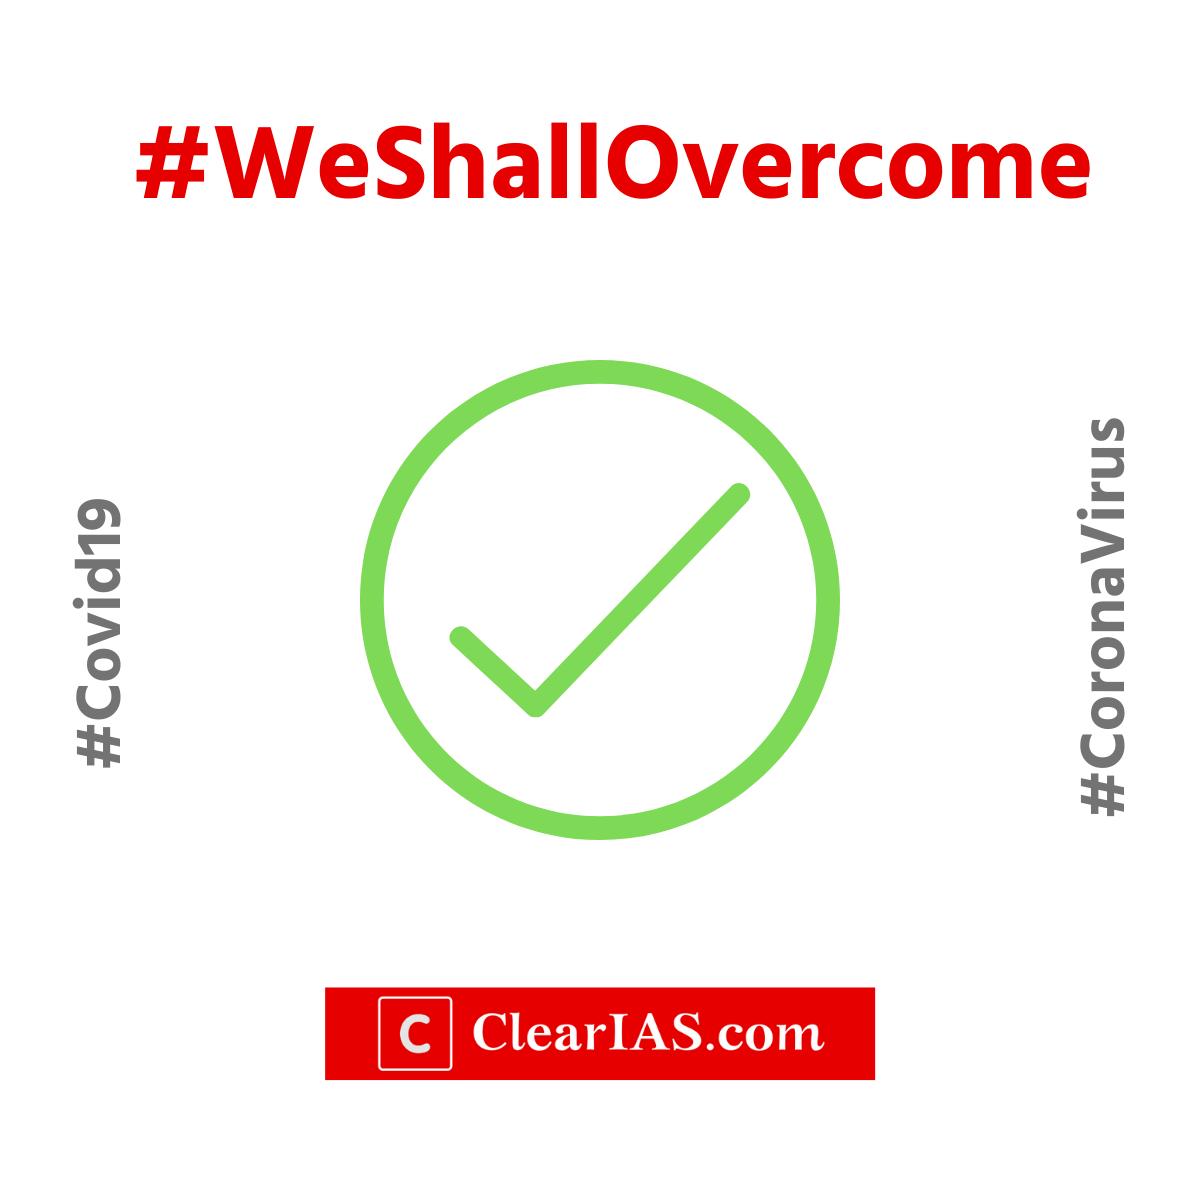 We shall overcome. We will overcome. #Covid19